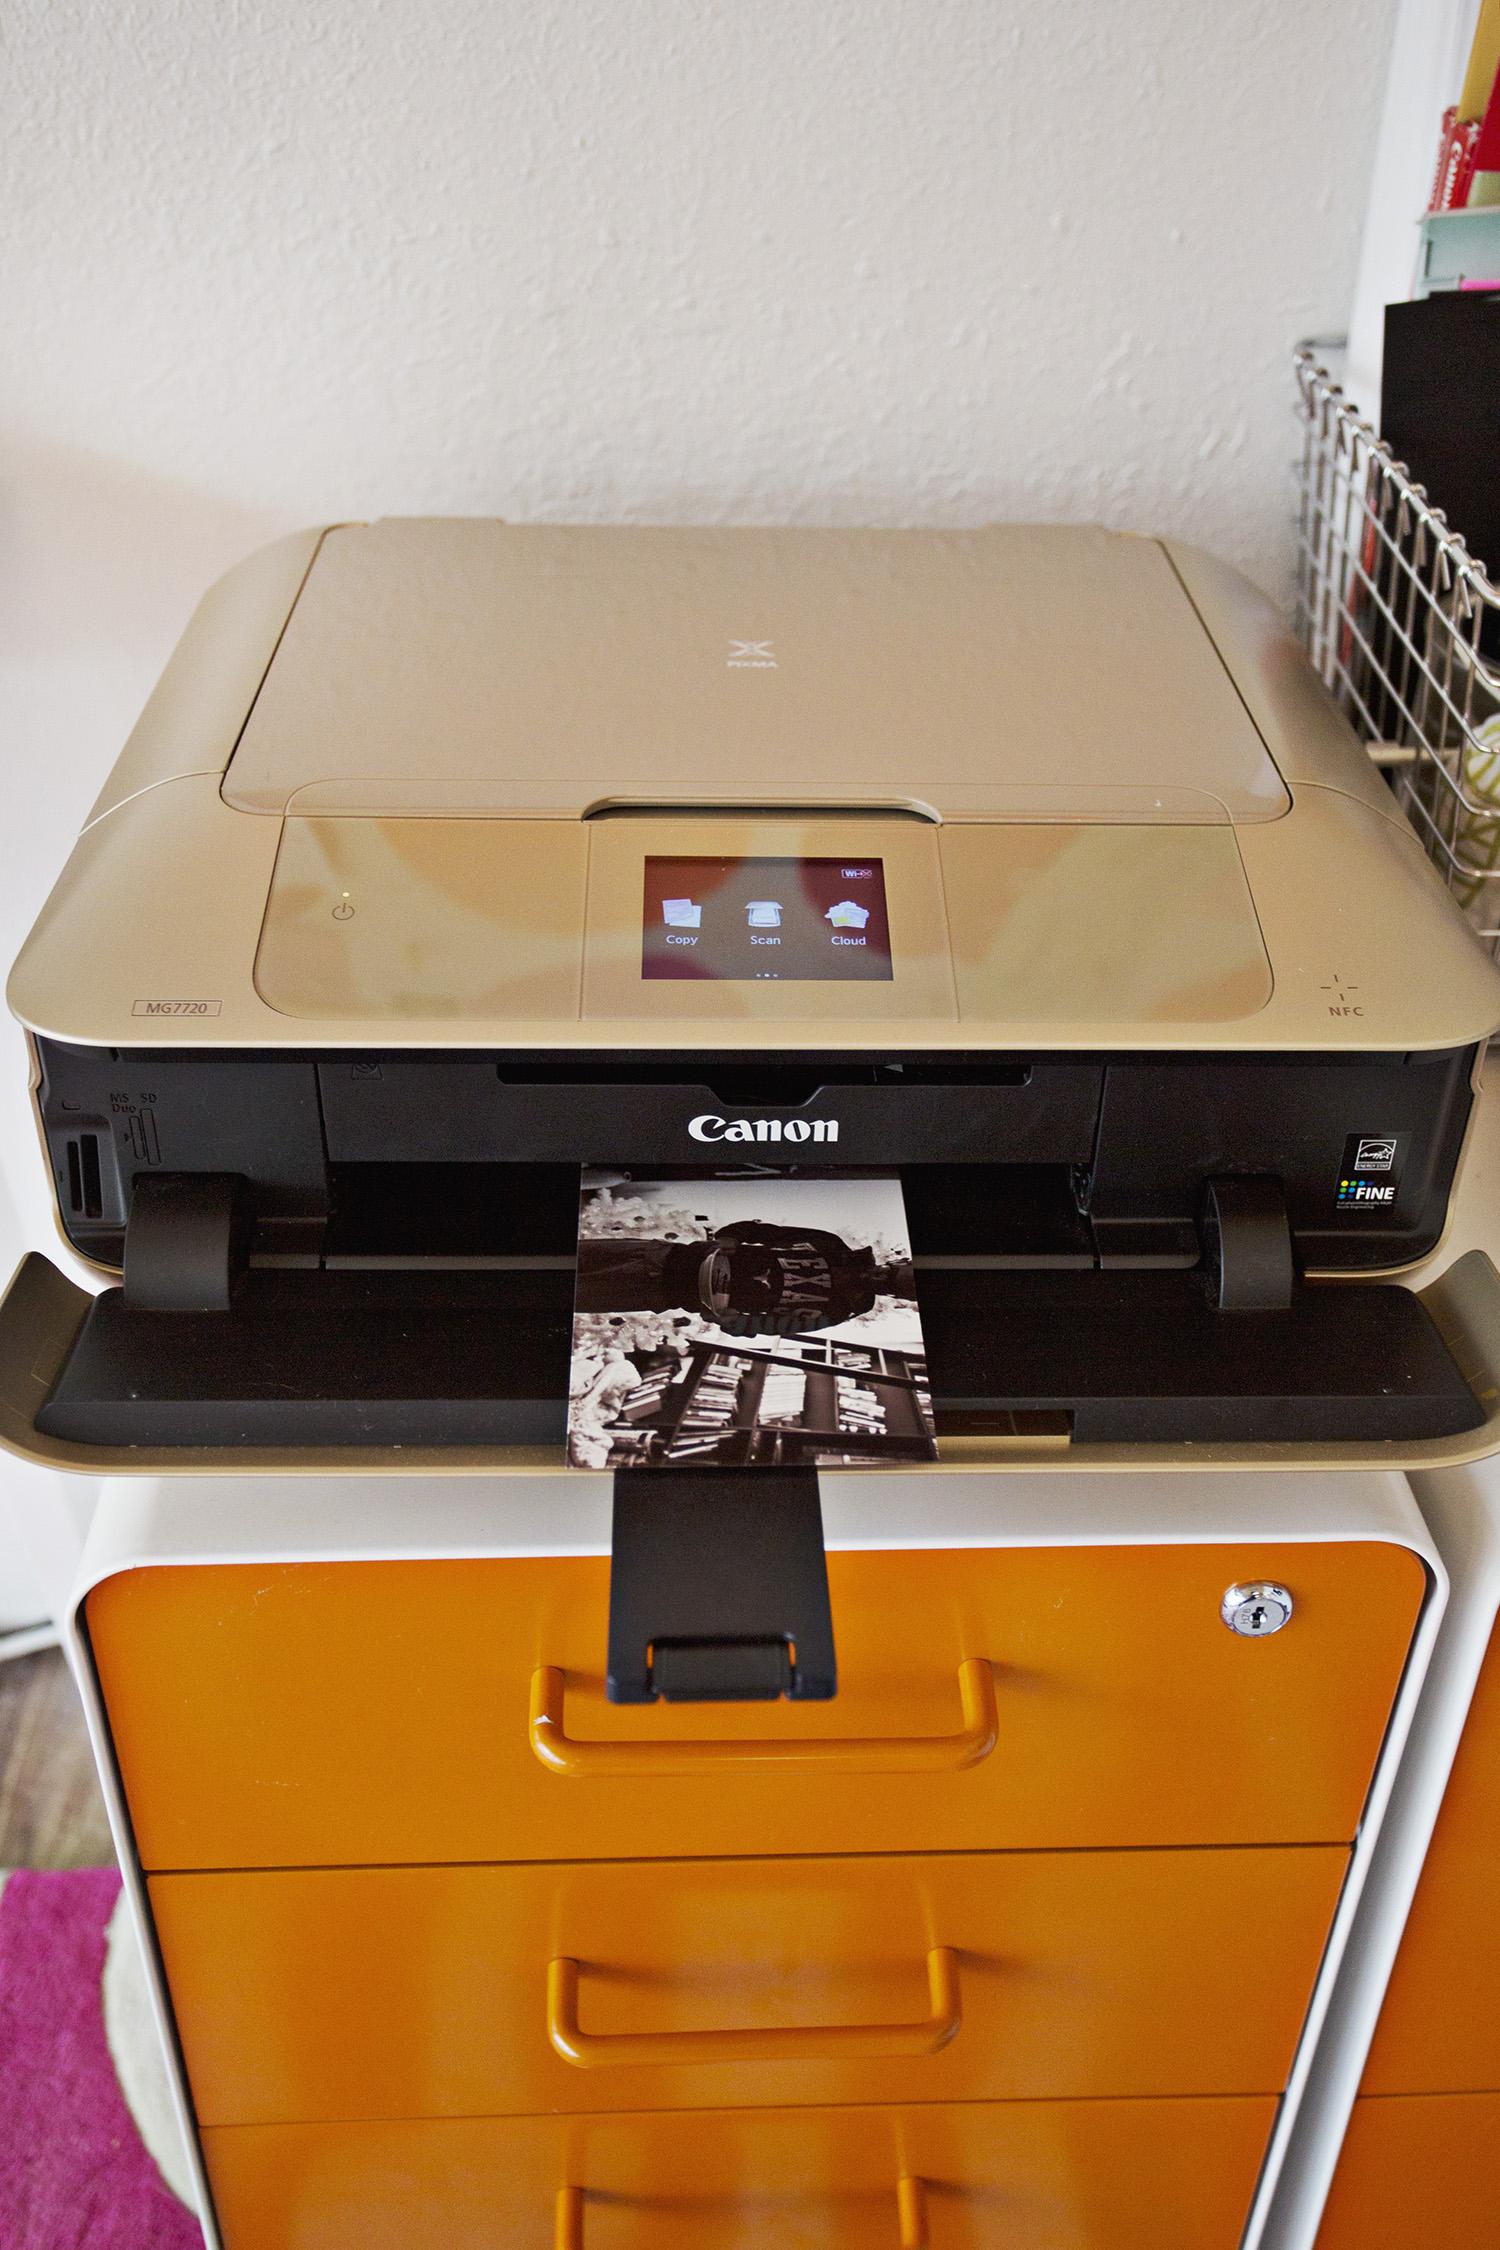 Print your photos